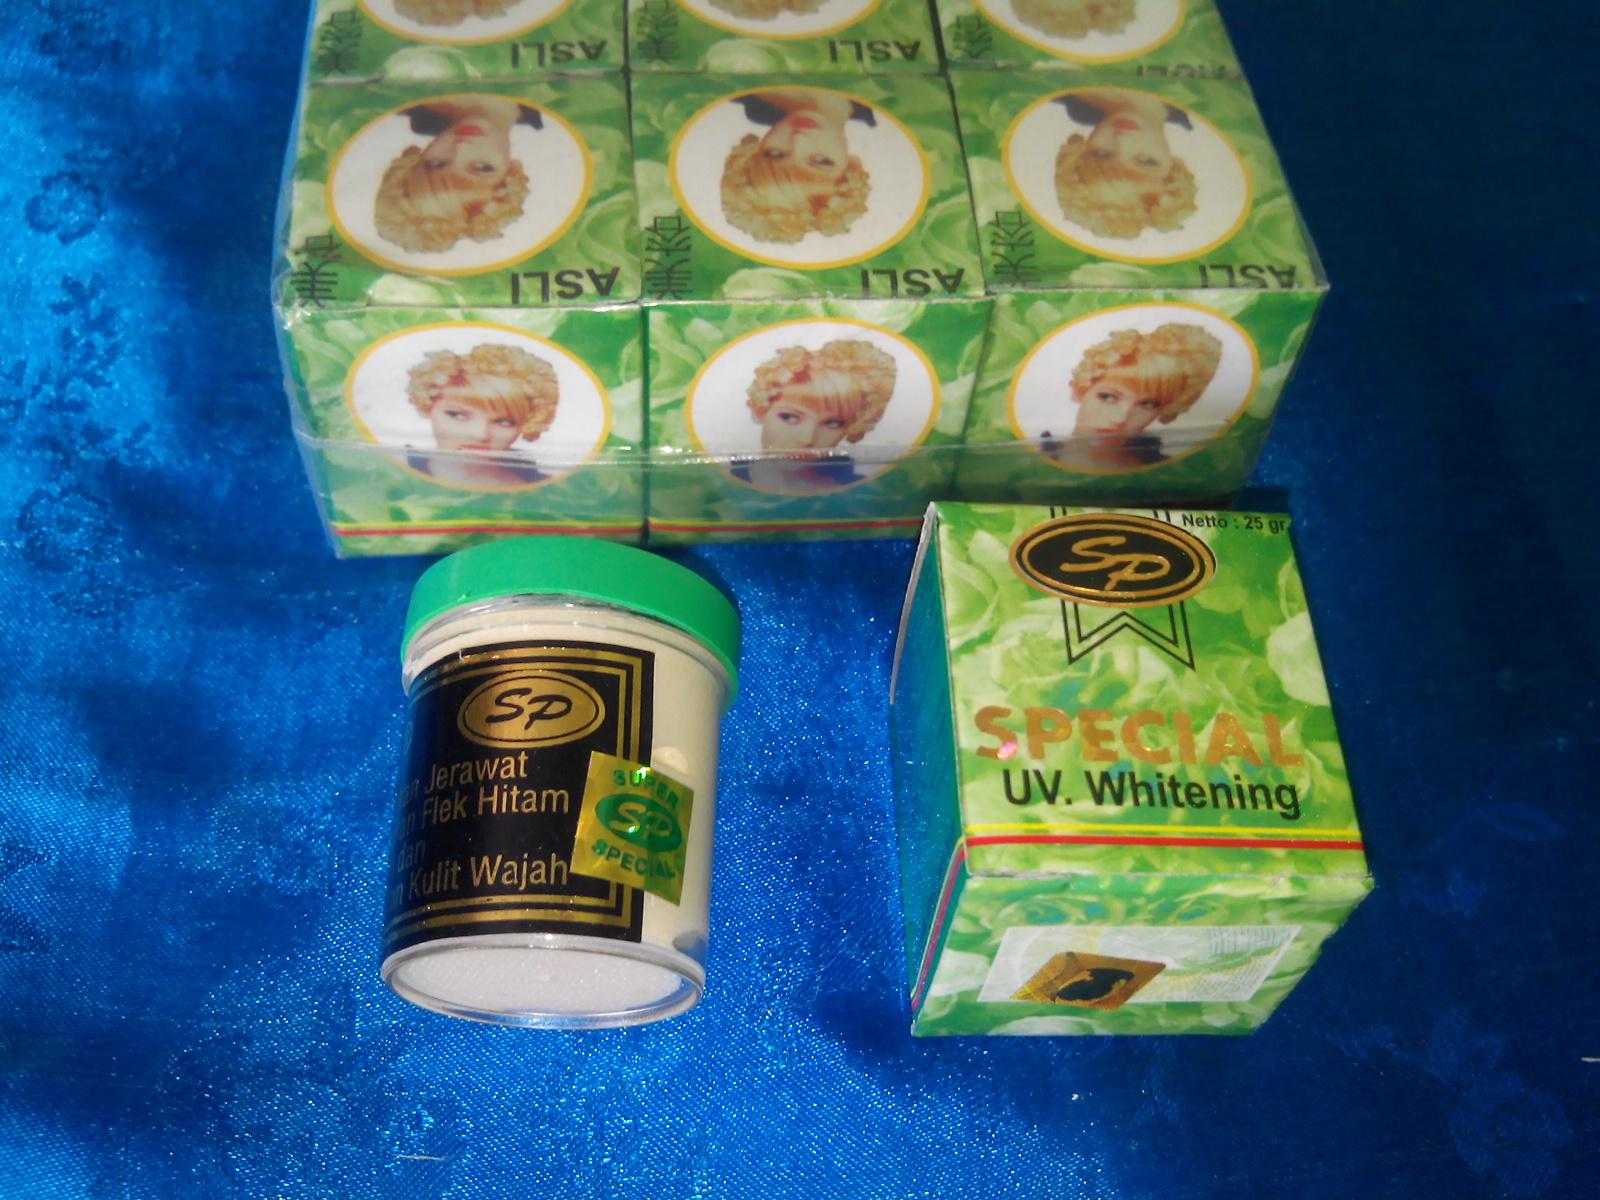 Manfaat Cream Sp Tutup Hijau Asli Spesial Uv Whitening Produk Ukm Bumn Handbody Click Here To See A Large Version